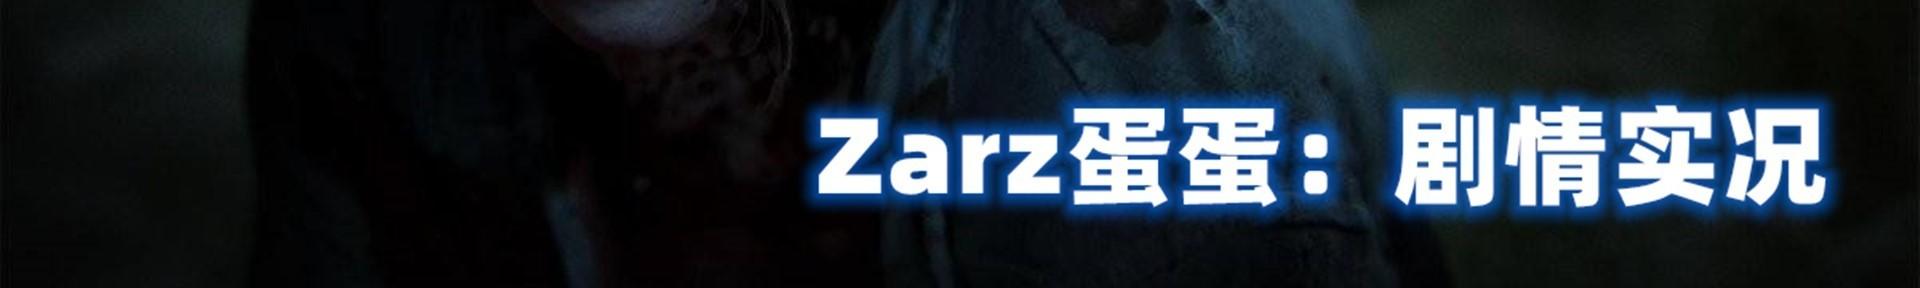 Zarz蛋蛋 banner